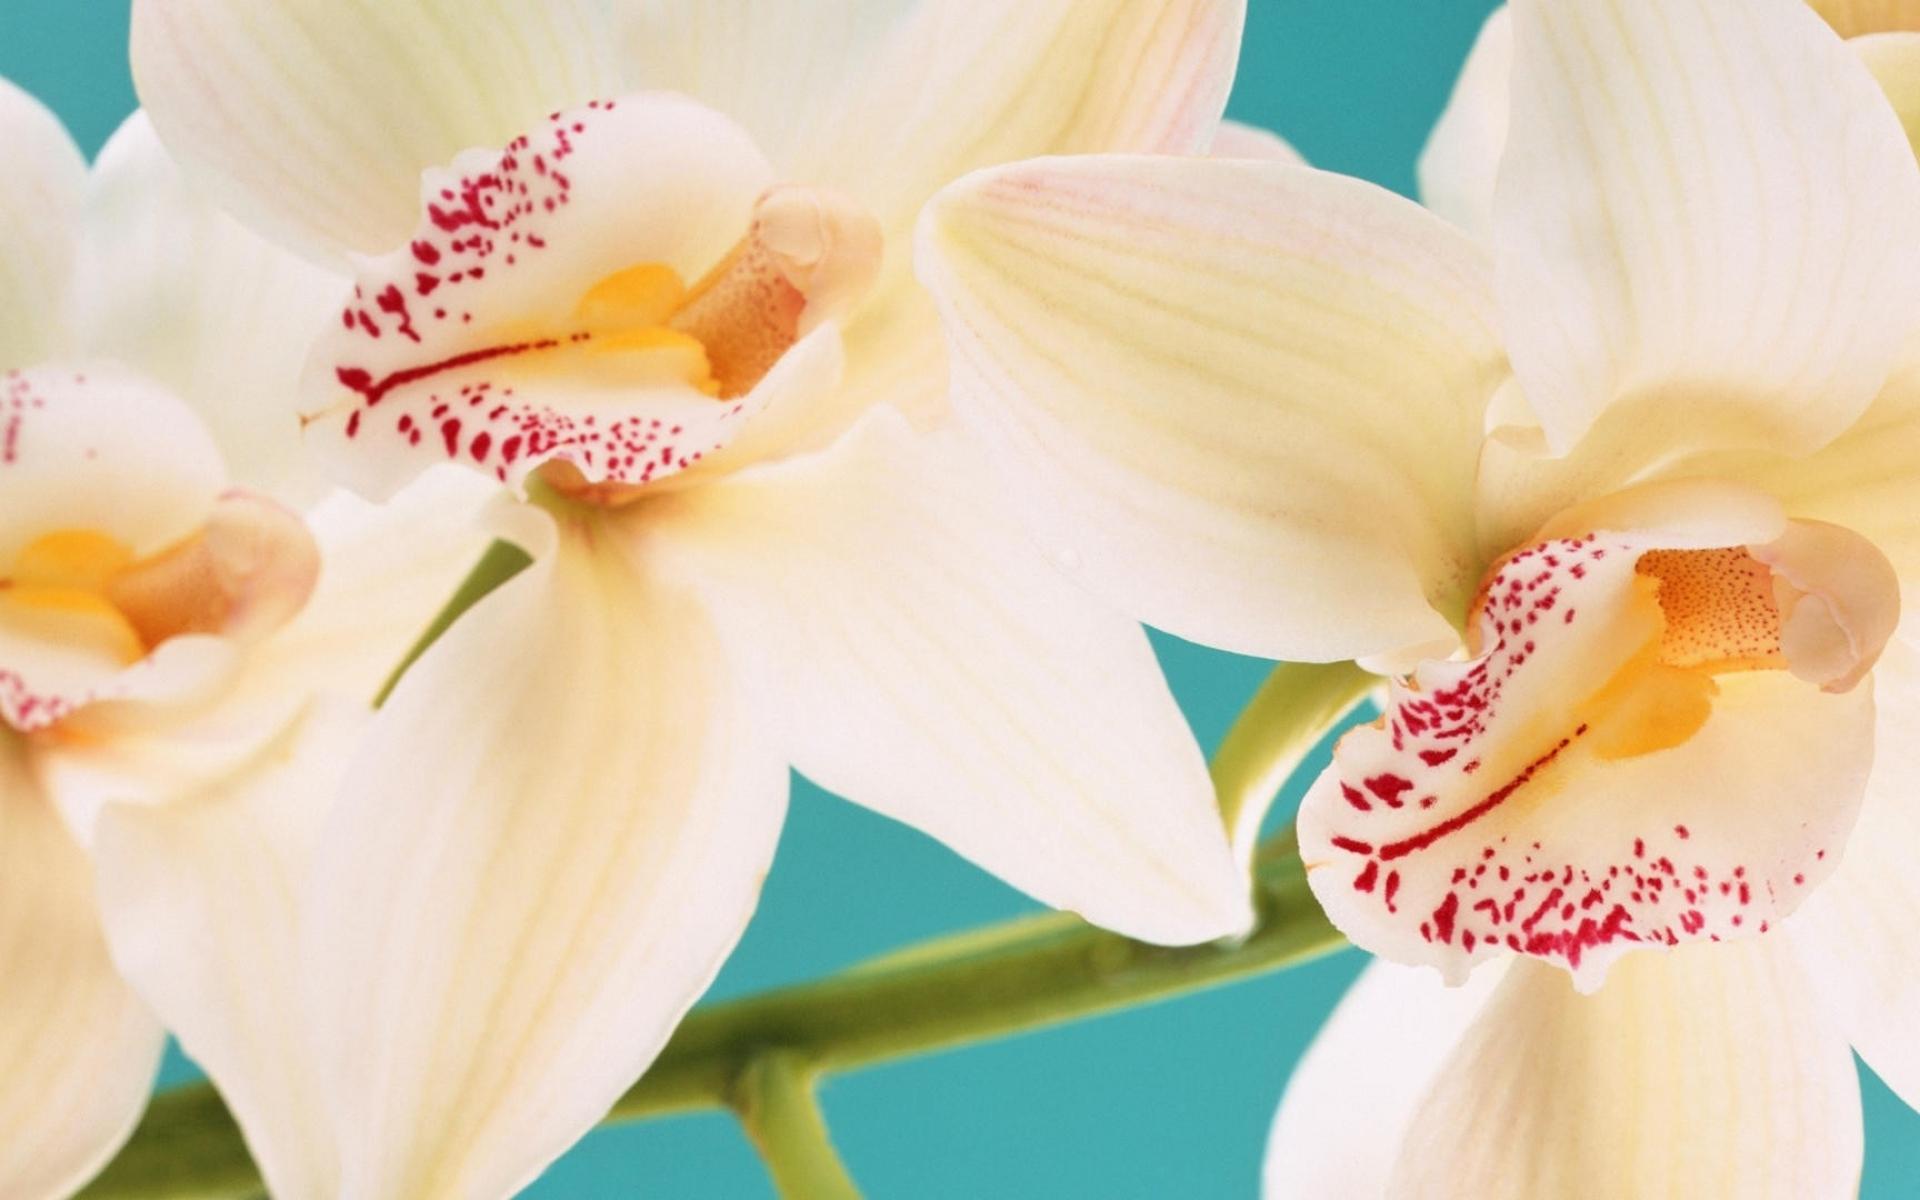 природа цветы белые орхидея nature flowers white Orchid бесплатно